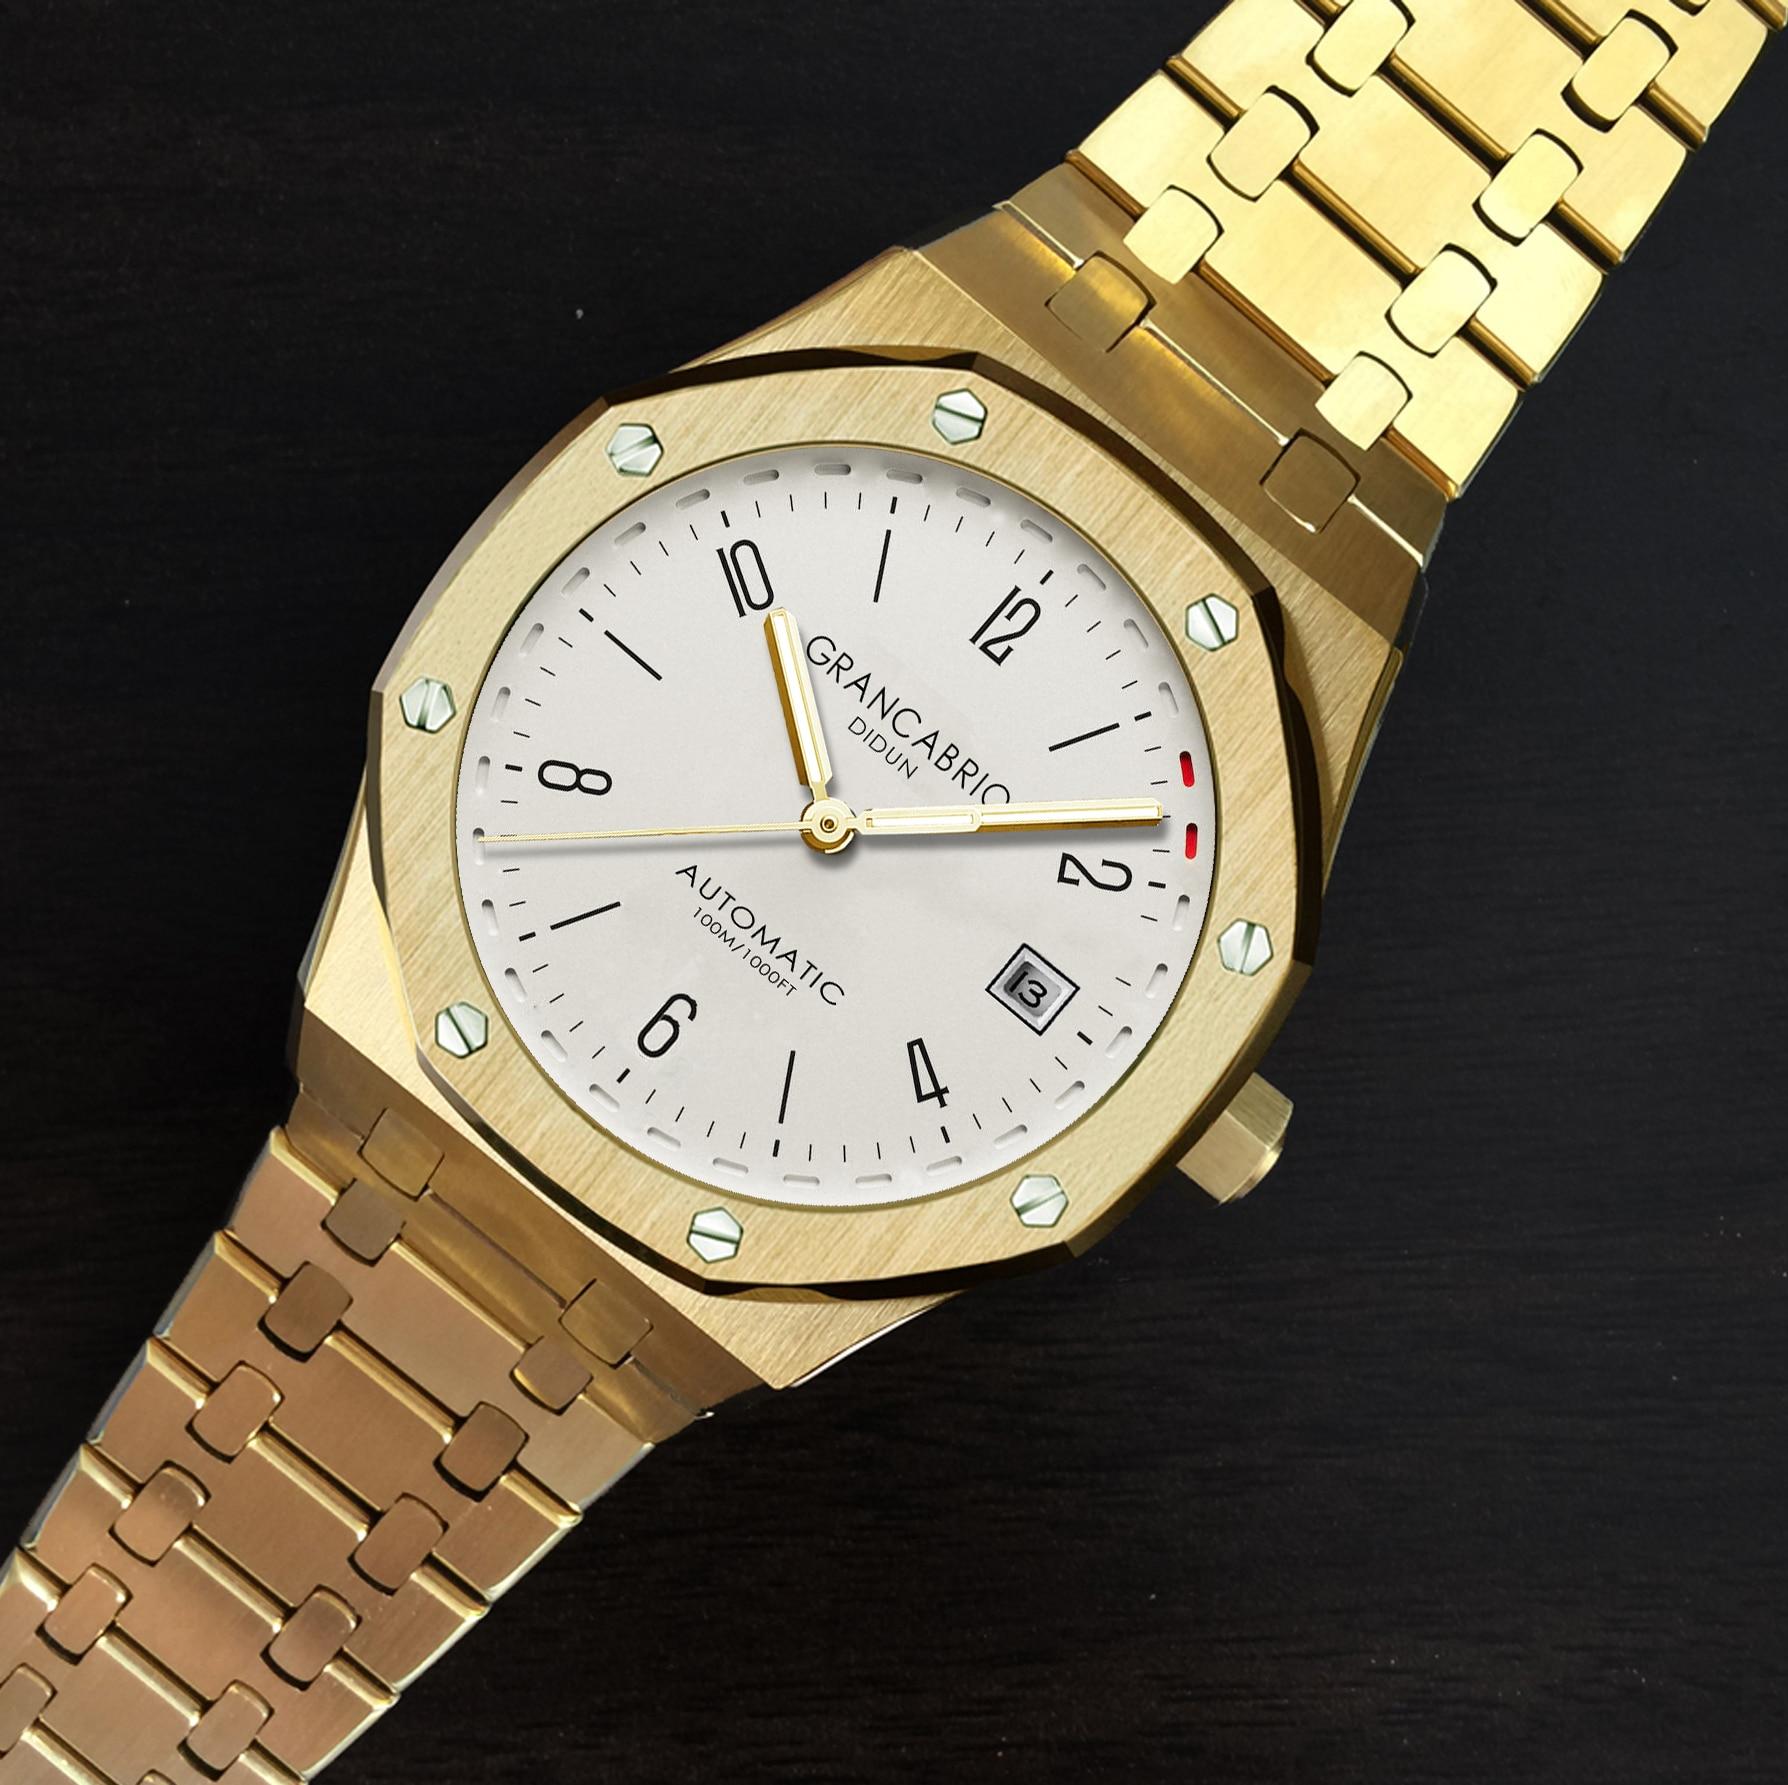 DIDUN hommes Top marque de luxe montres automatiques militaire affaires homme montre bracelet étanche en acier inoxydable bracelet-in Montres sport from Montres    3